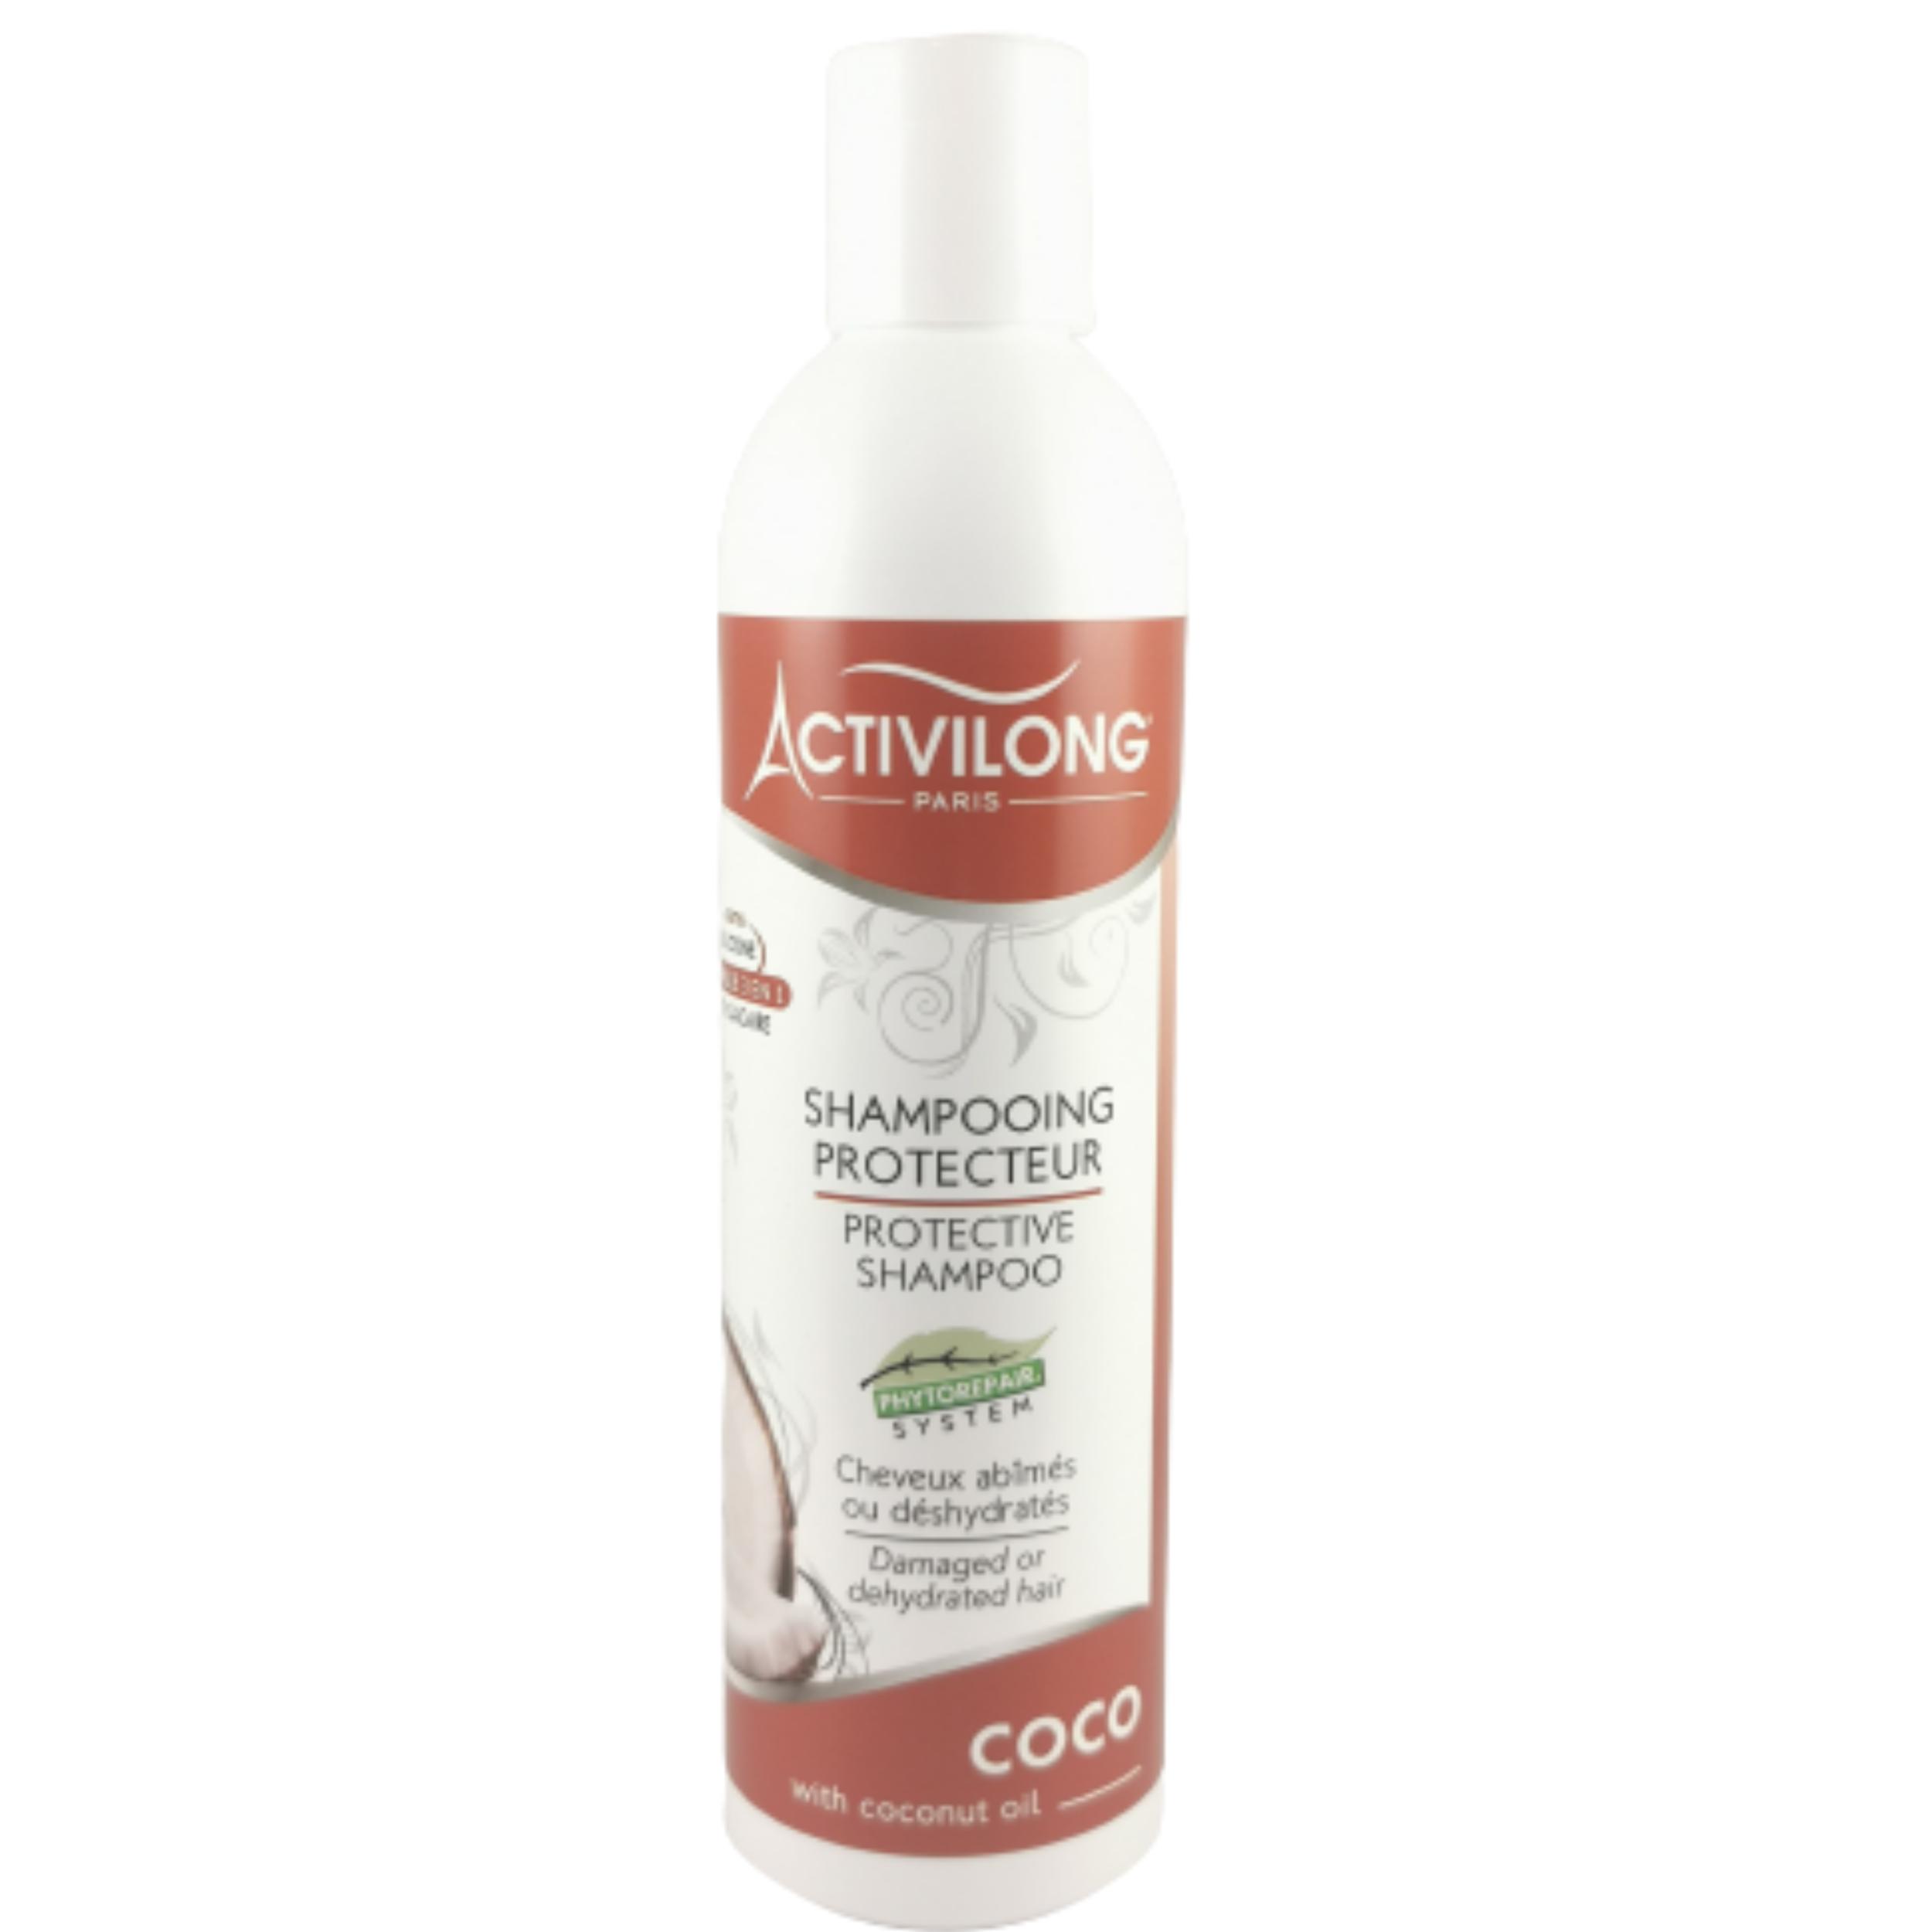 Shampooing coco. Renforce et protège les cheveux abîmés ou déshydratés - ACTIVILONG